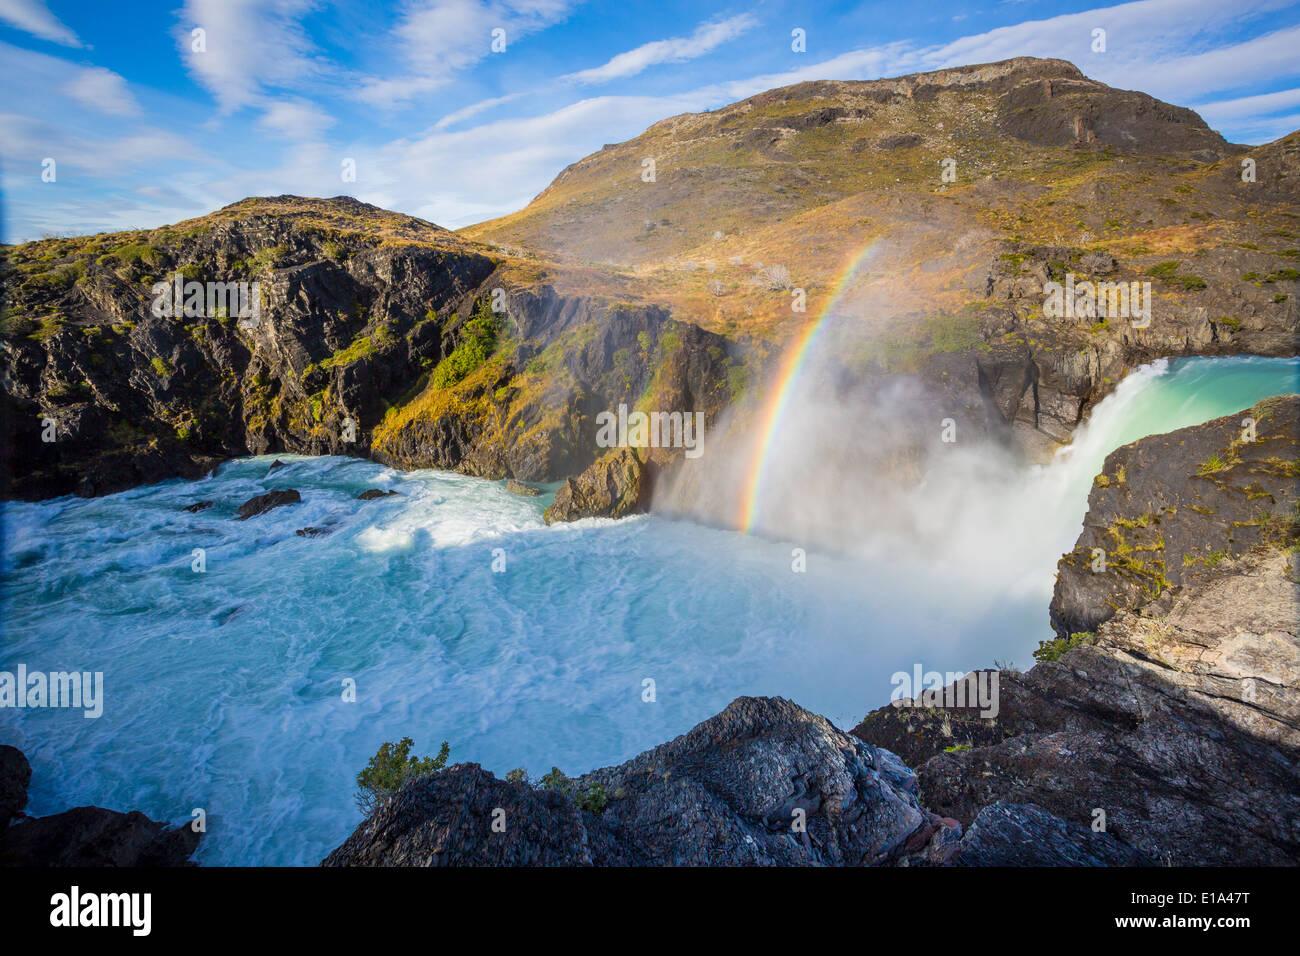 Il Salto Grande è una cascata sul fiume Paine entro il parco nazionale Torres del Paine in Cile Immagini Stock